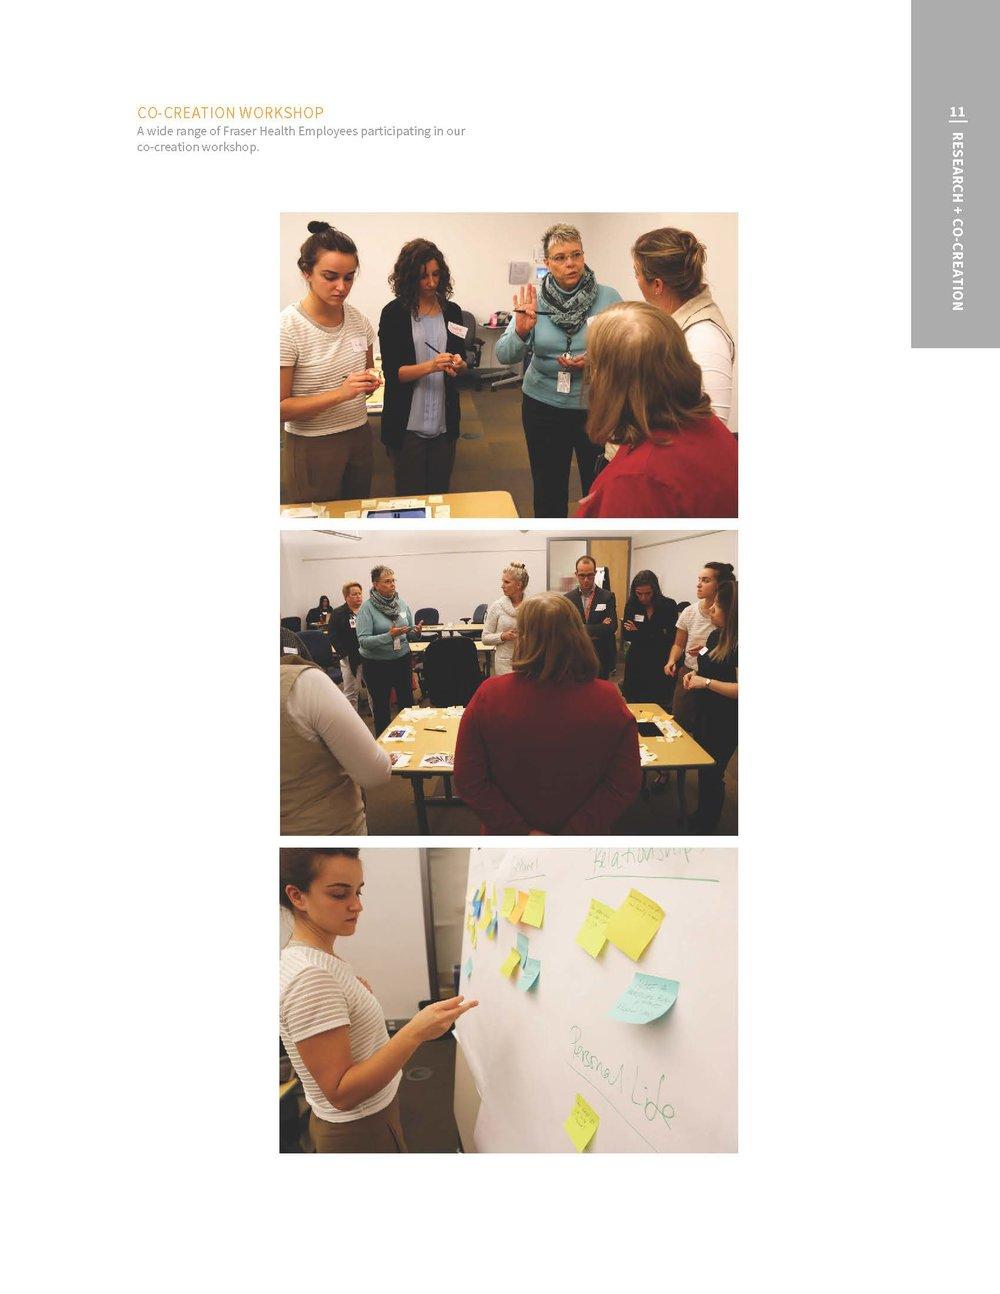 Copy of HDL_Fraser_Health_V4_Page_11.jpg